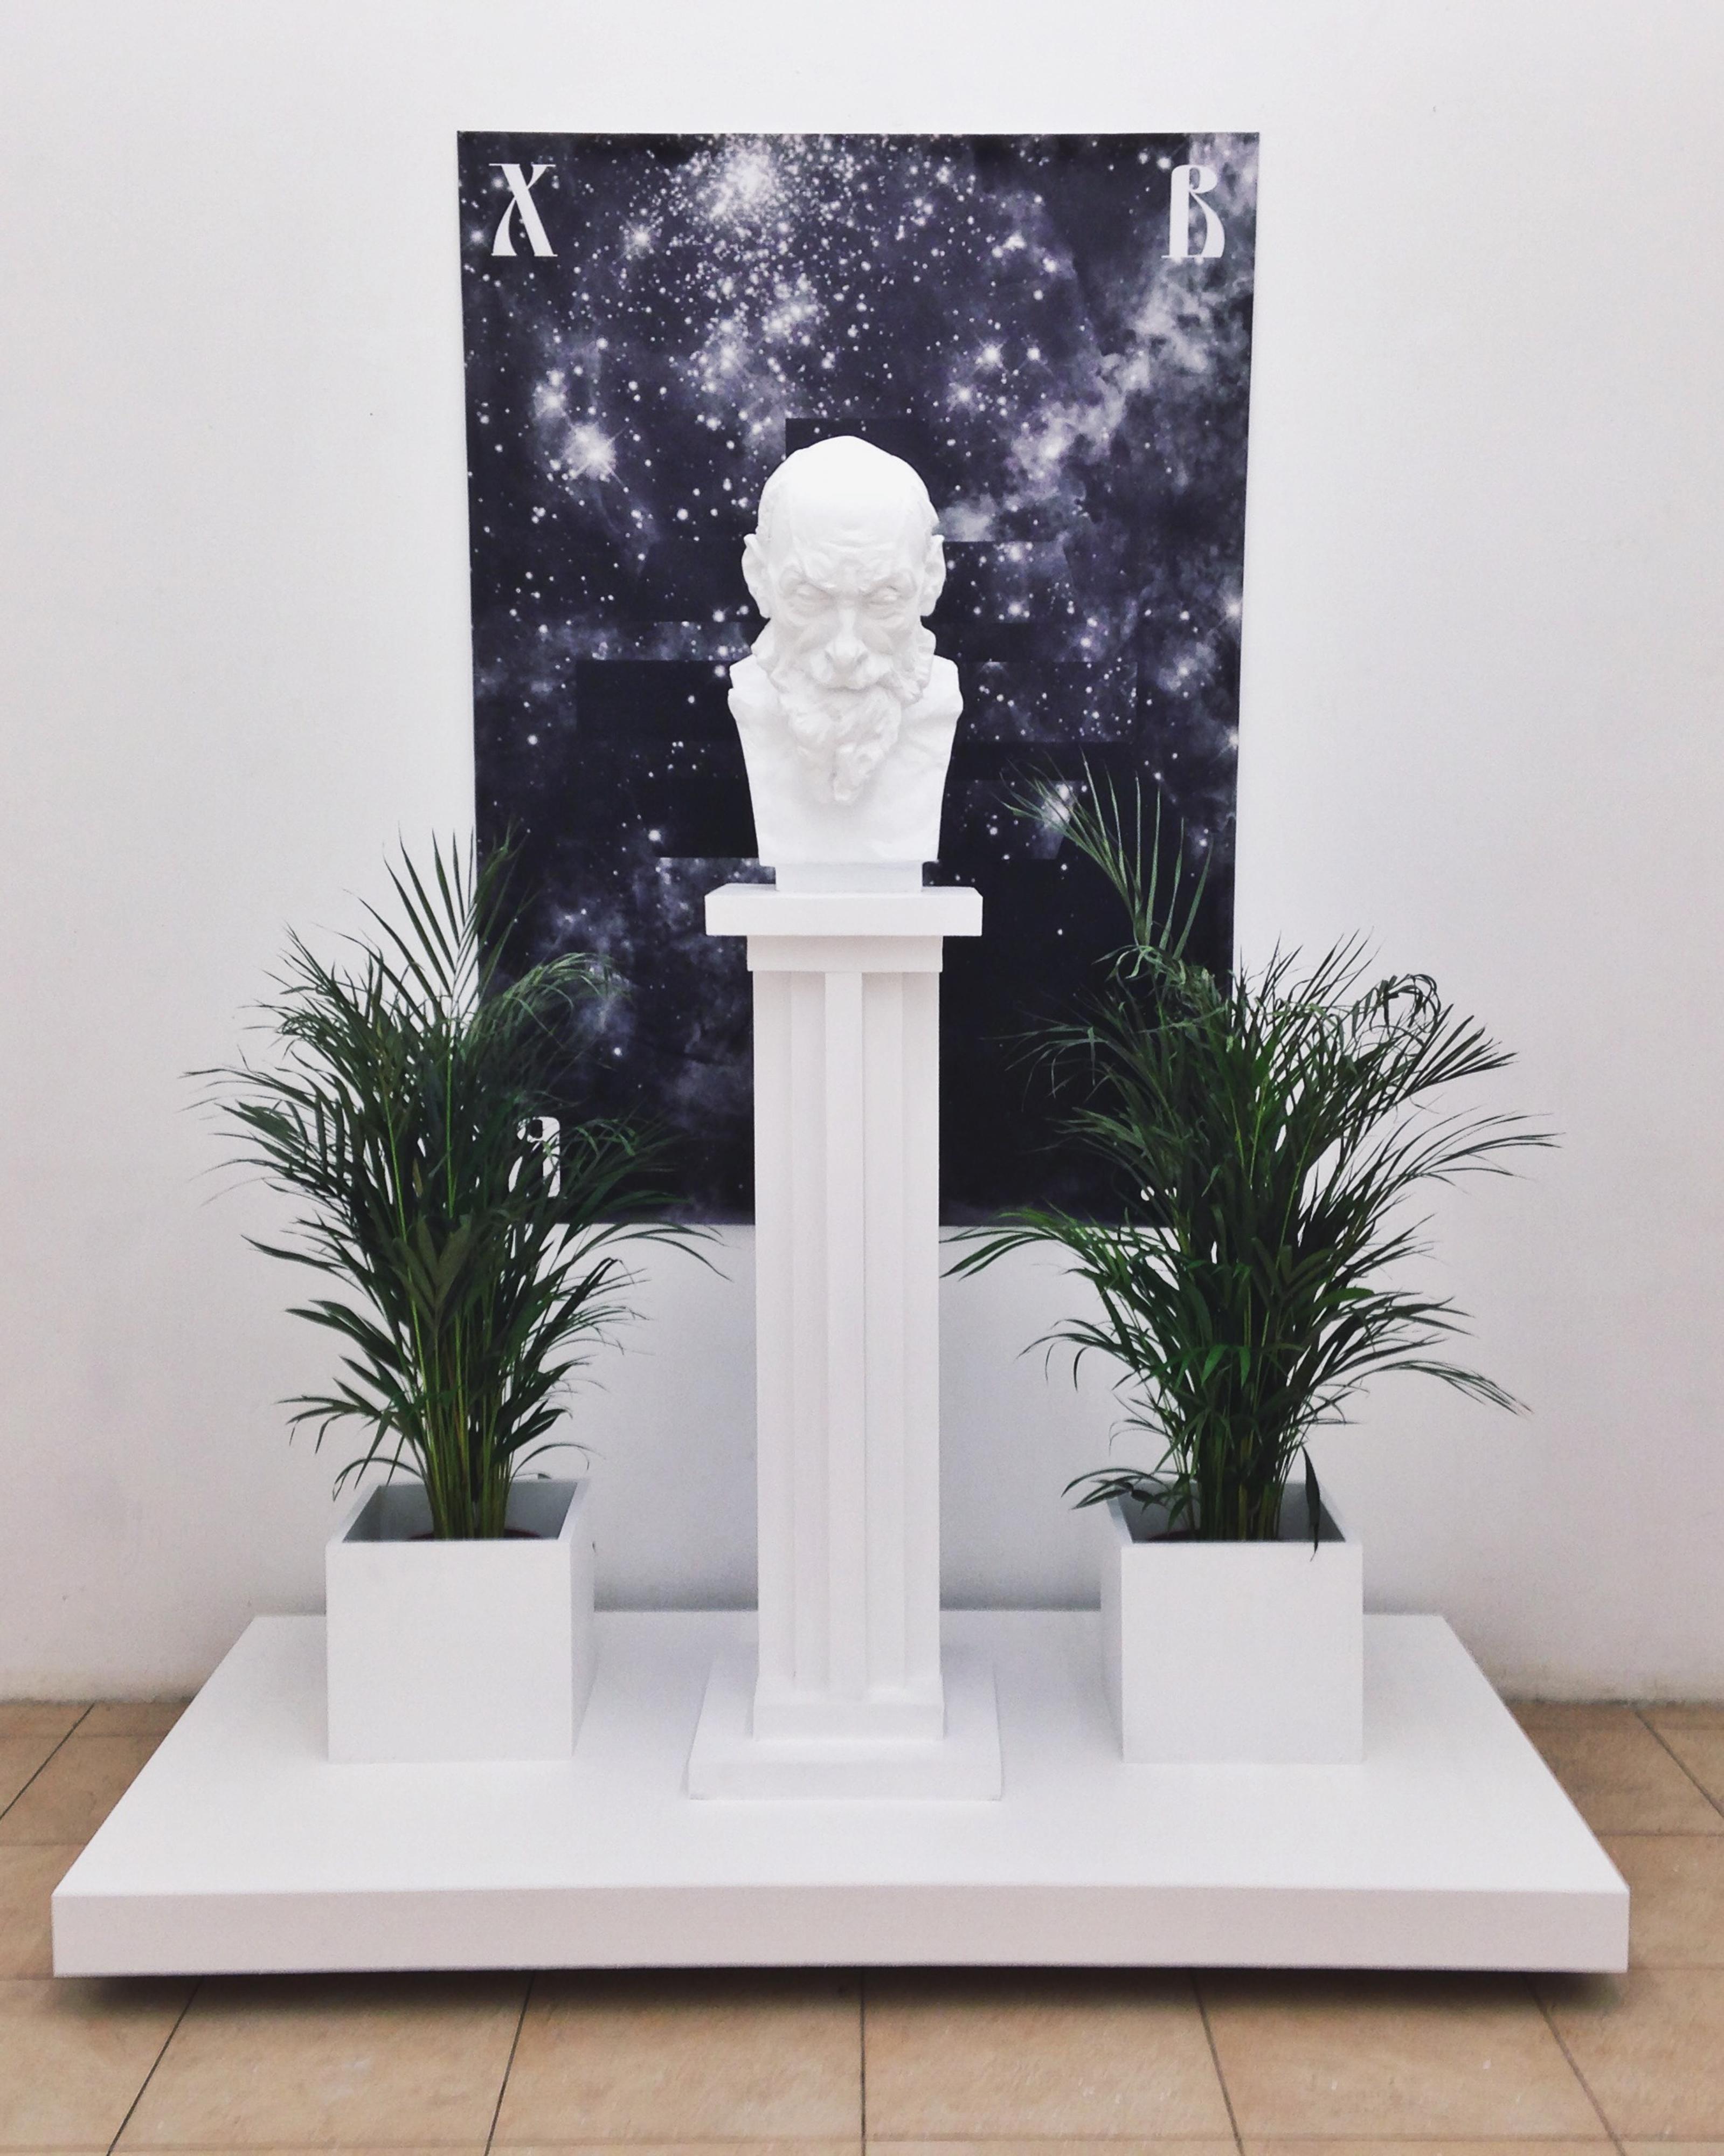 """Арсений Жиляев """"Я хочу верить"""", мемориальная выставка (фрагмент инсталляции)"""